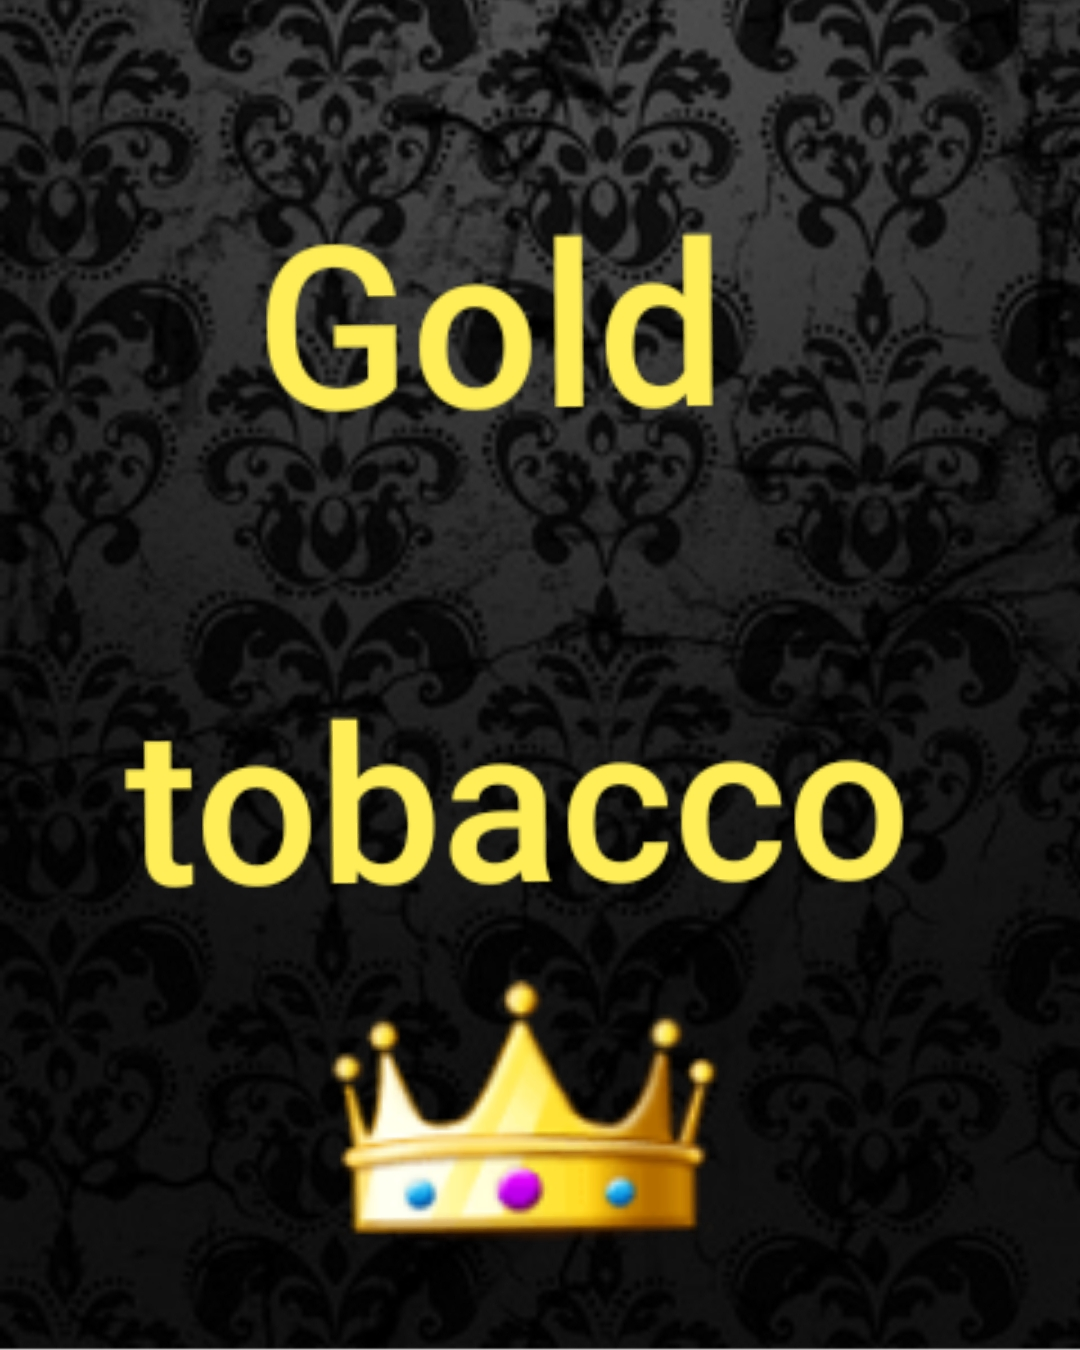 Нейминг Название для кальянного табака фото f_4385c8a9a5a230be.jpg